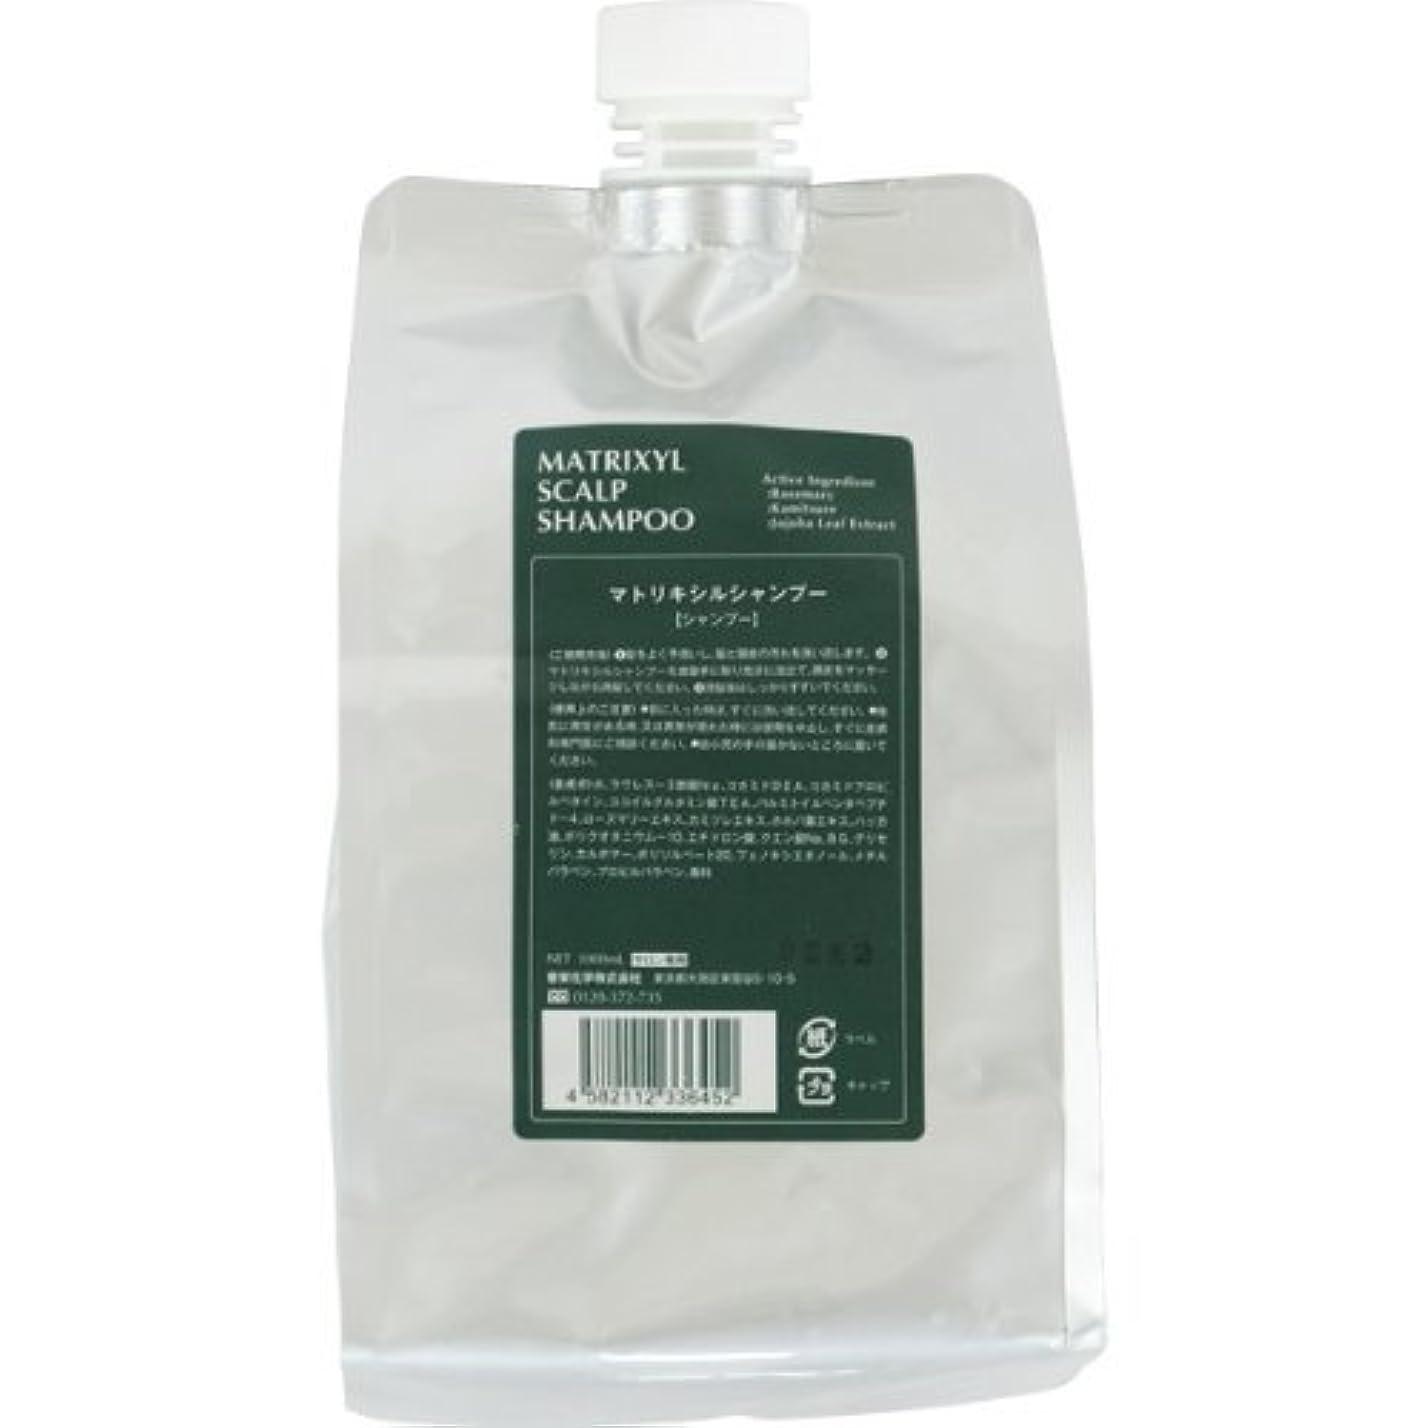 ムスタチオプールクレジット香栄化学 マトリキシル スキャルプシャンプー レフィル 1000ml